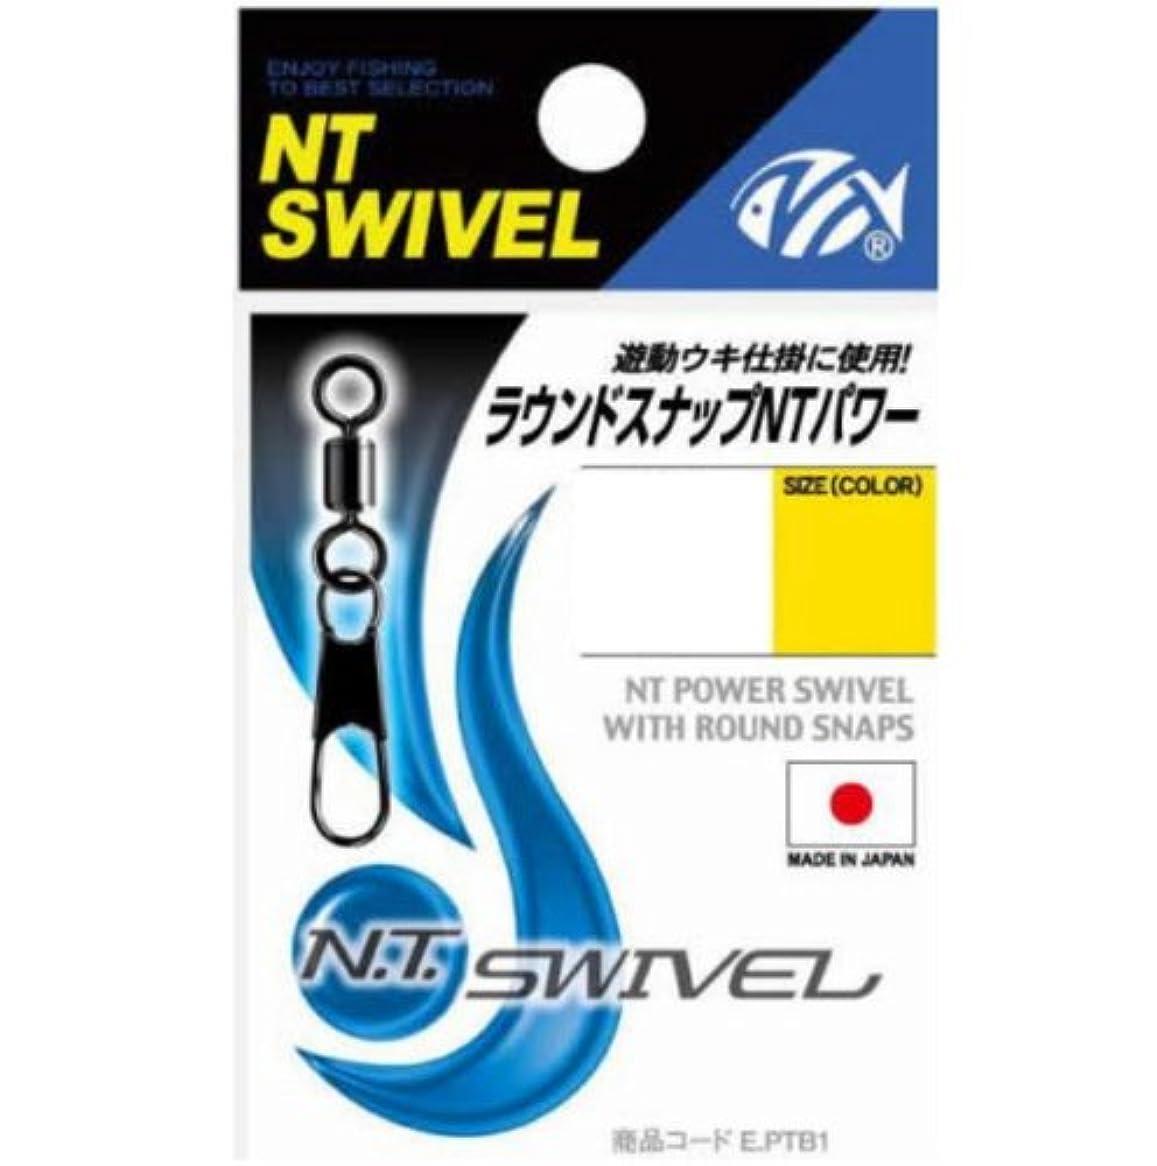 調和のとれたマイク先史時代のNTスイベル(N.T.SWIVEL) ラウンドスナップNTパワー クロ #8